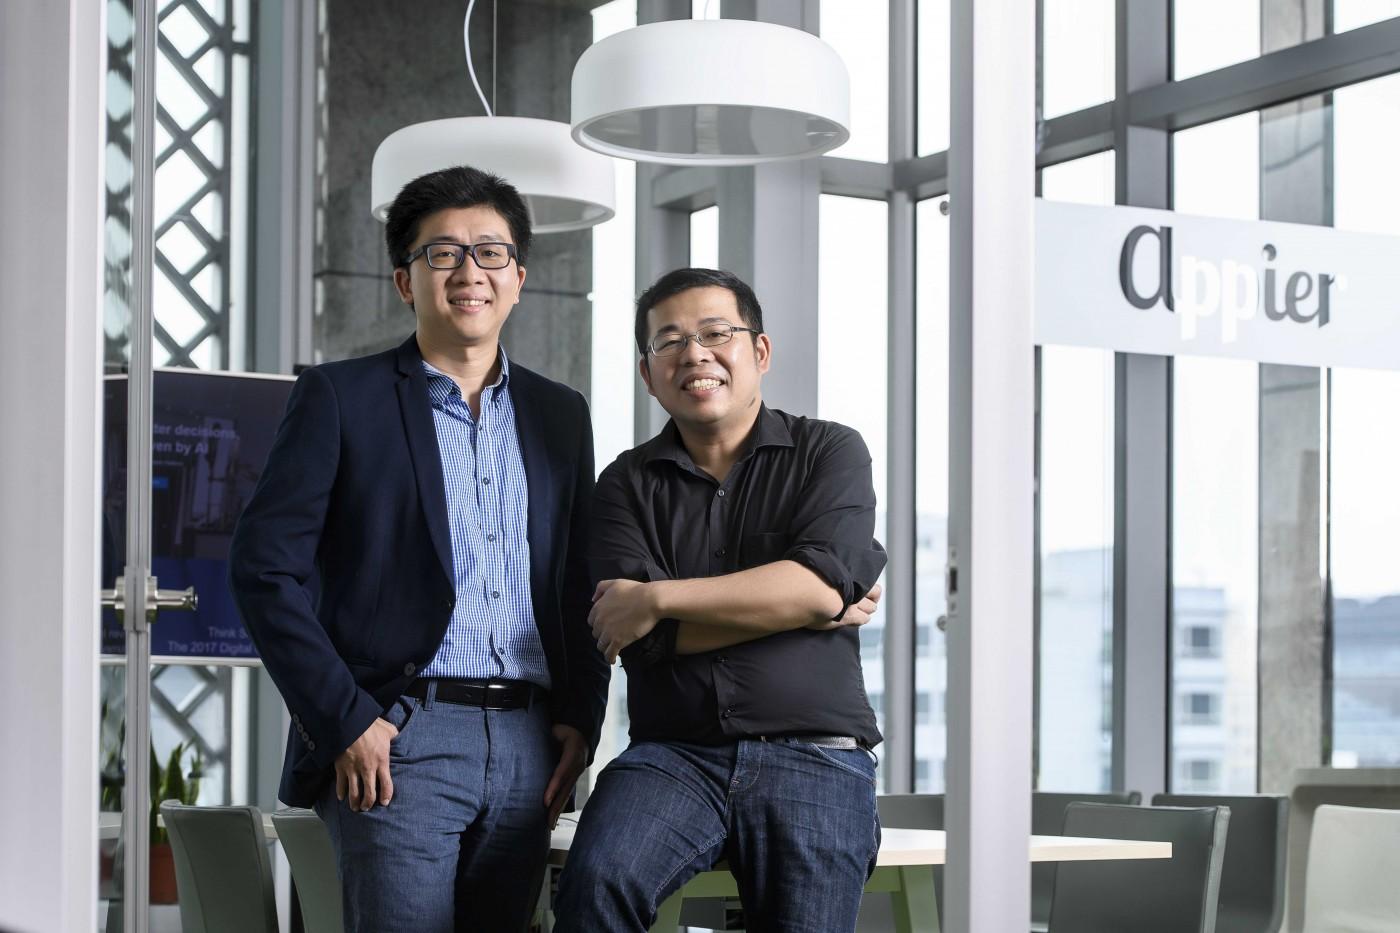 吳恩達與李飛飛門生受邀加入Appier,拉近AI產學距離